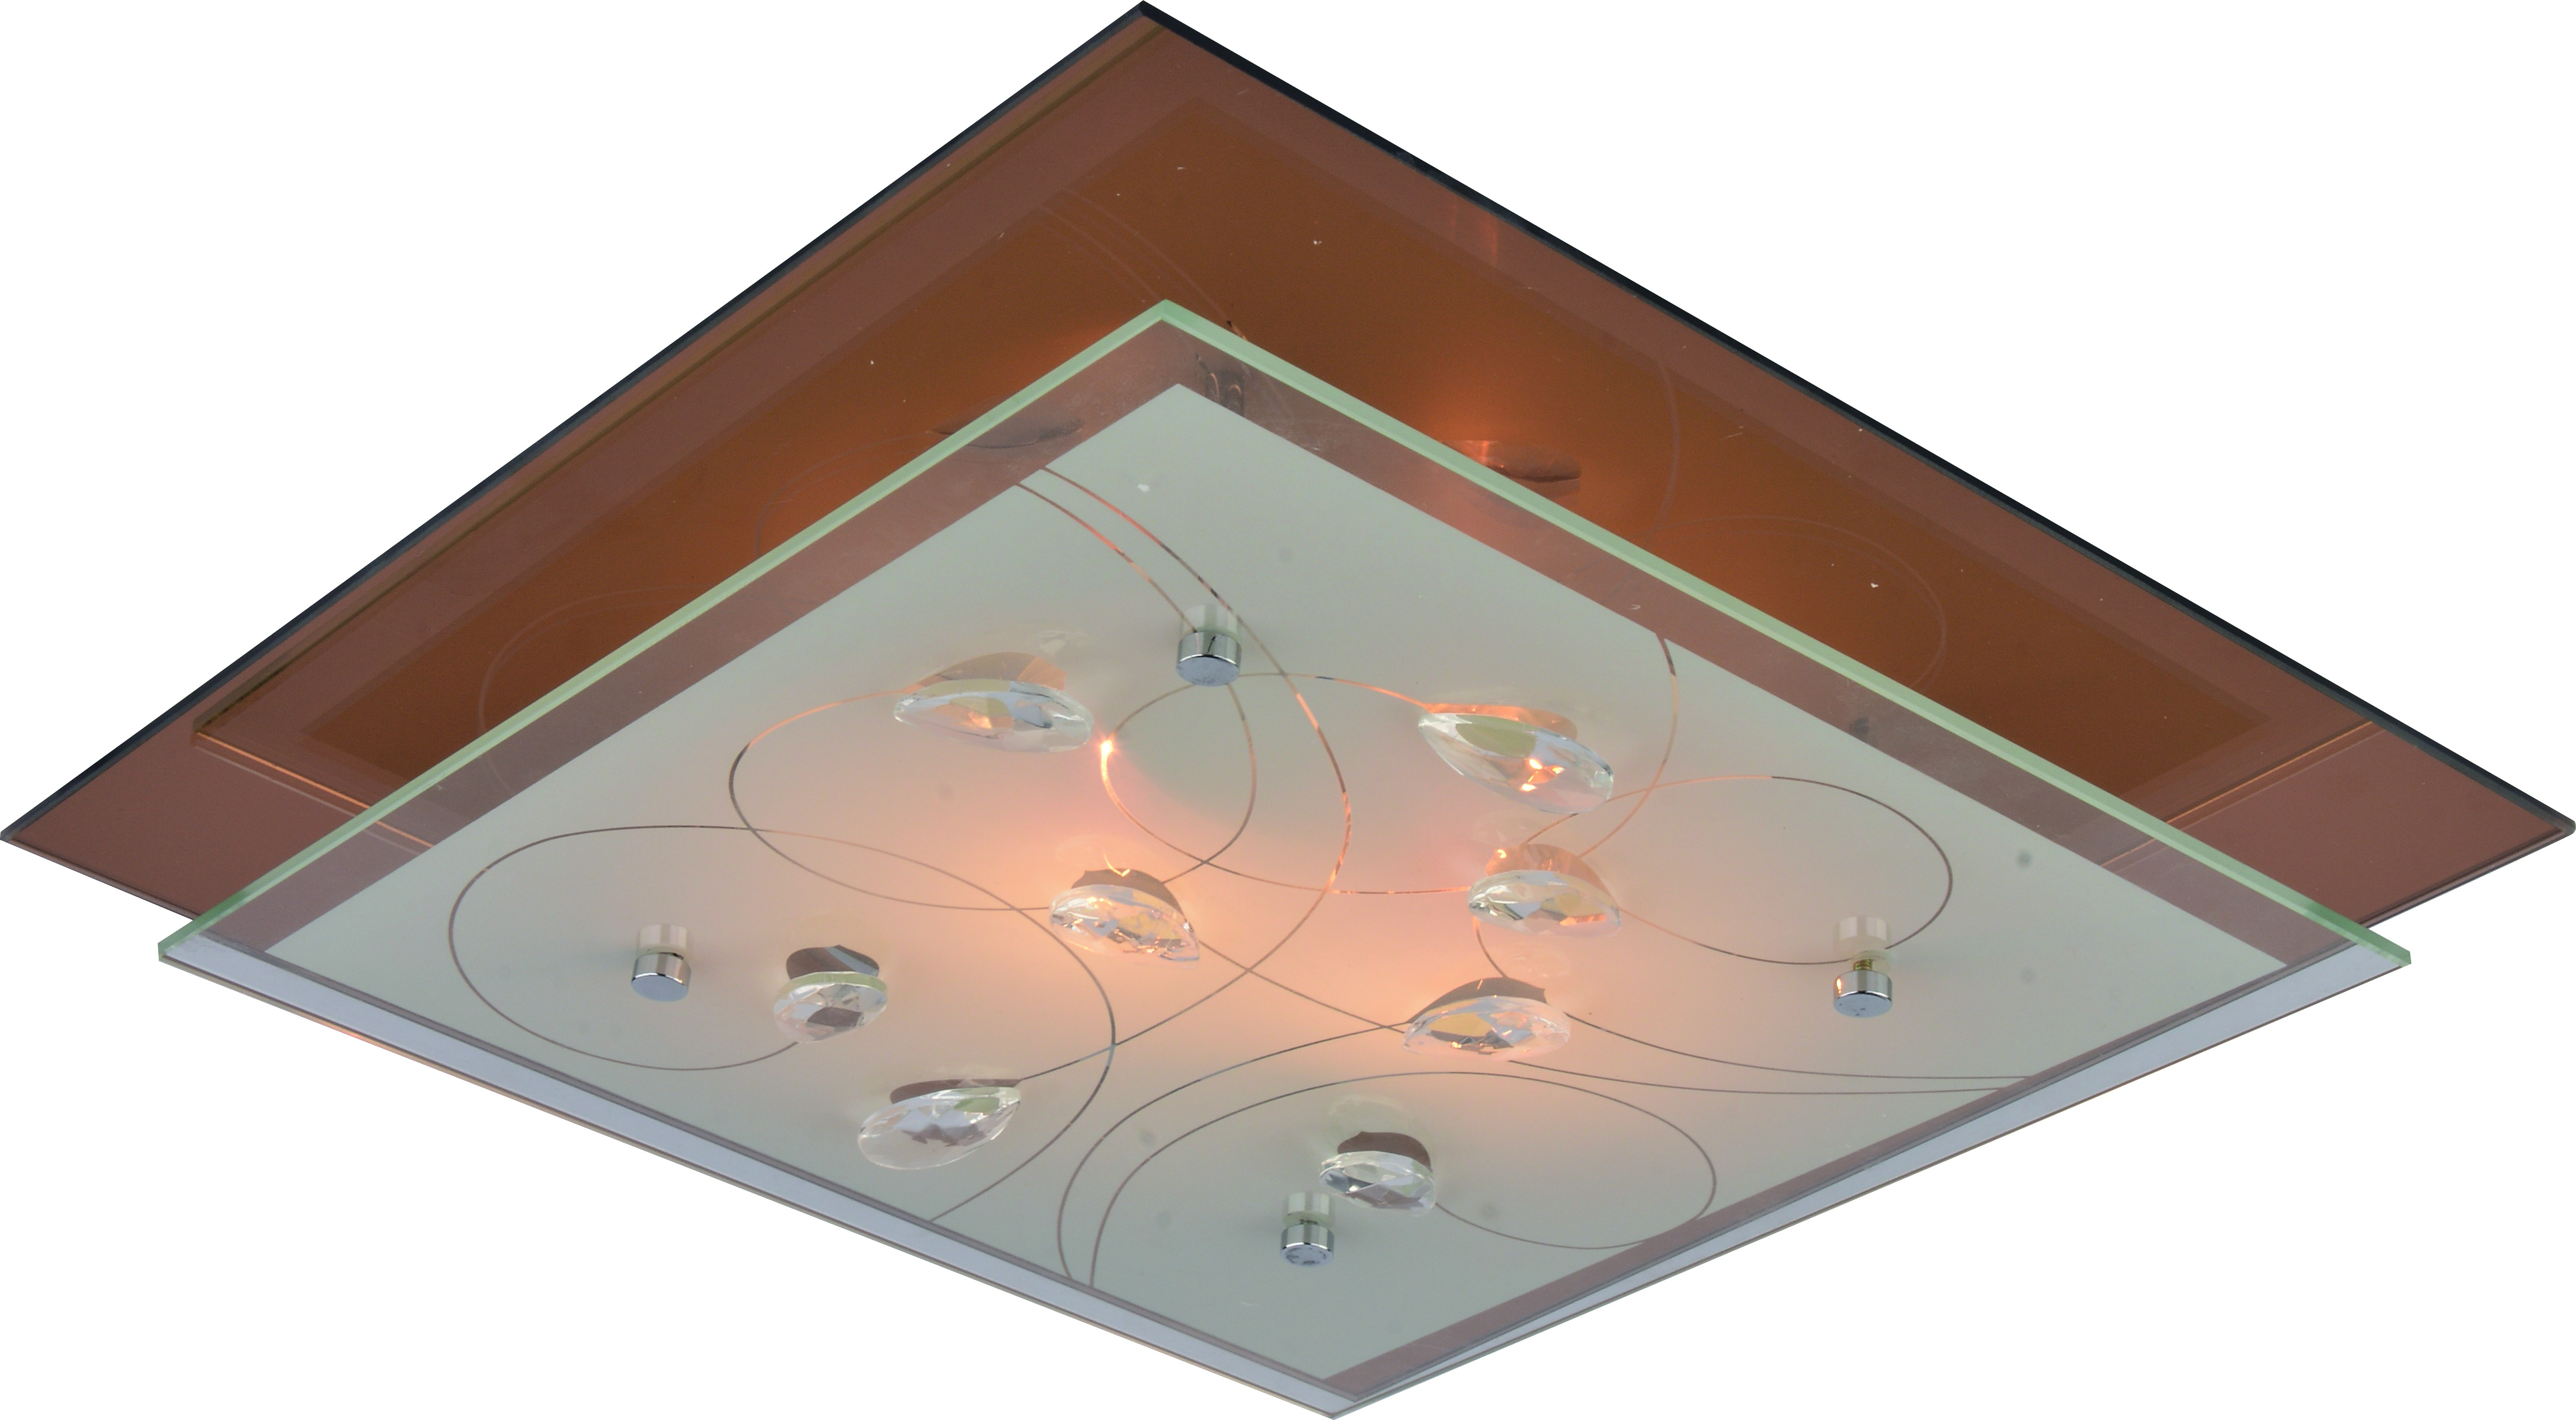 Светильник настенно-потолочный Arte lamp A4042pl-2cc светильник настенно потолочный arte lamp jasmine a4040pl 2cc 2x60вт e27 хром